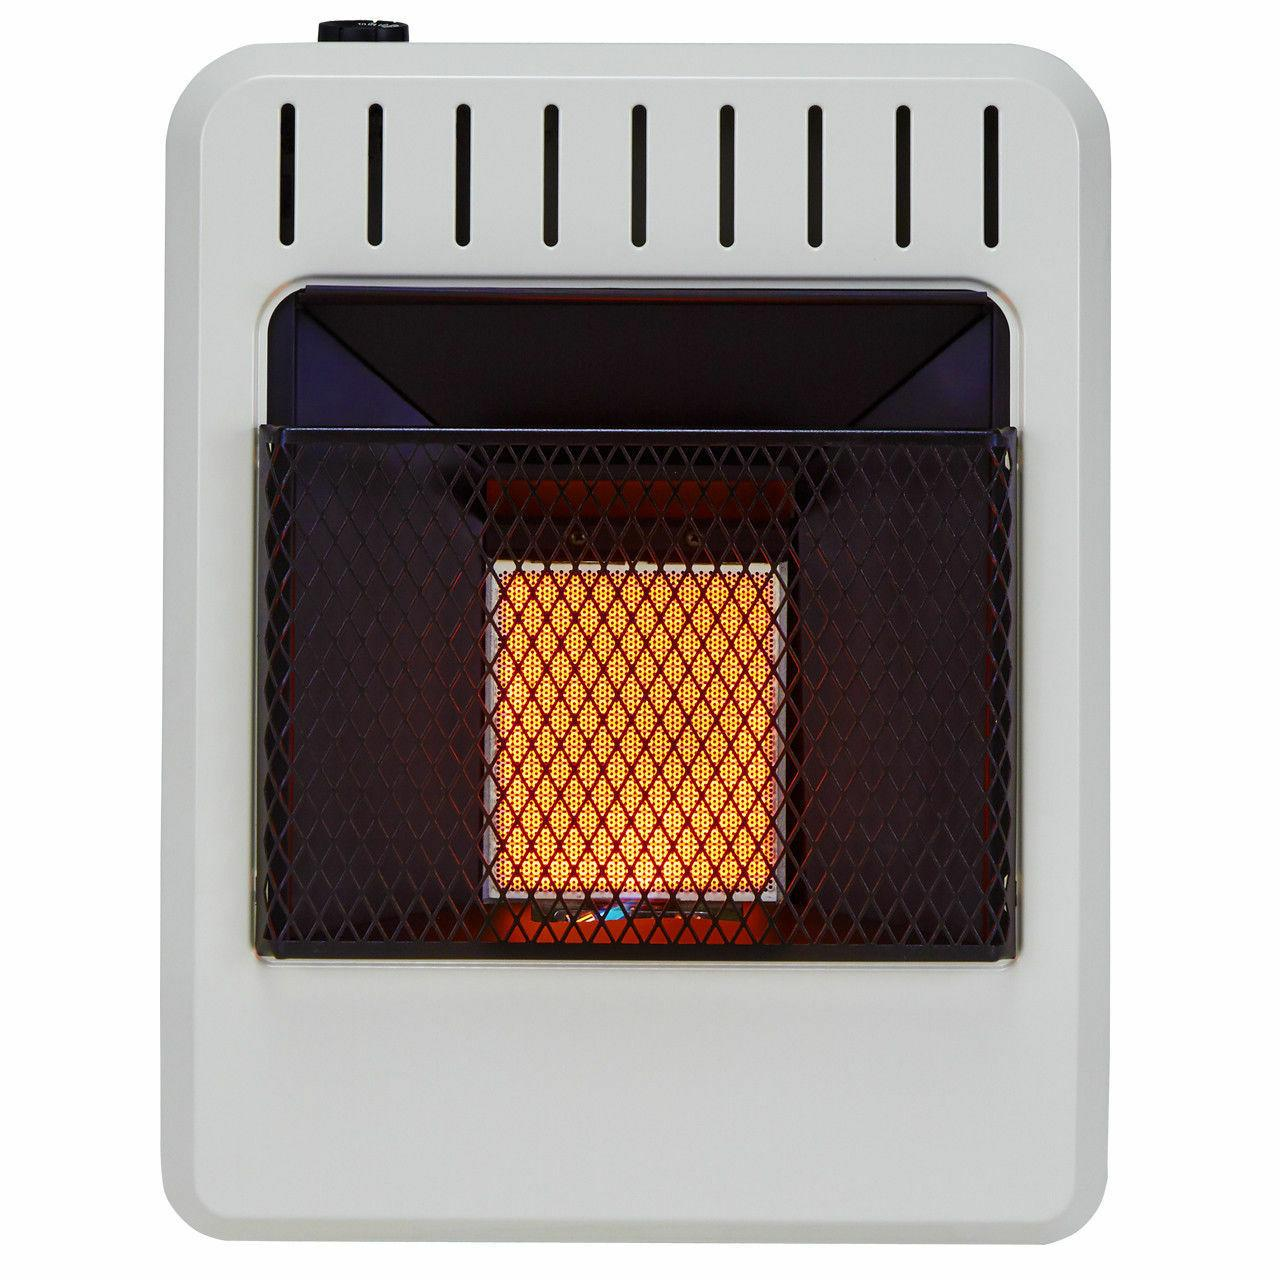 Avenger Fuel Infrared Heater Propane